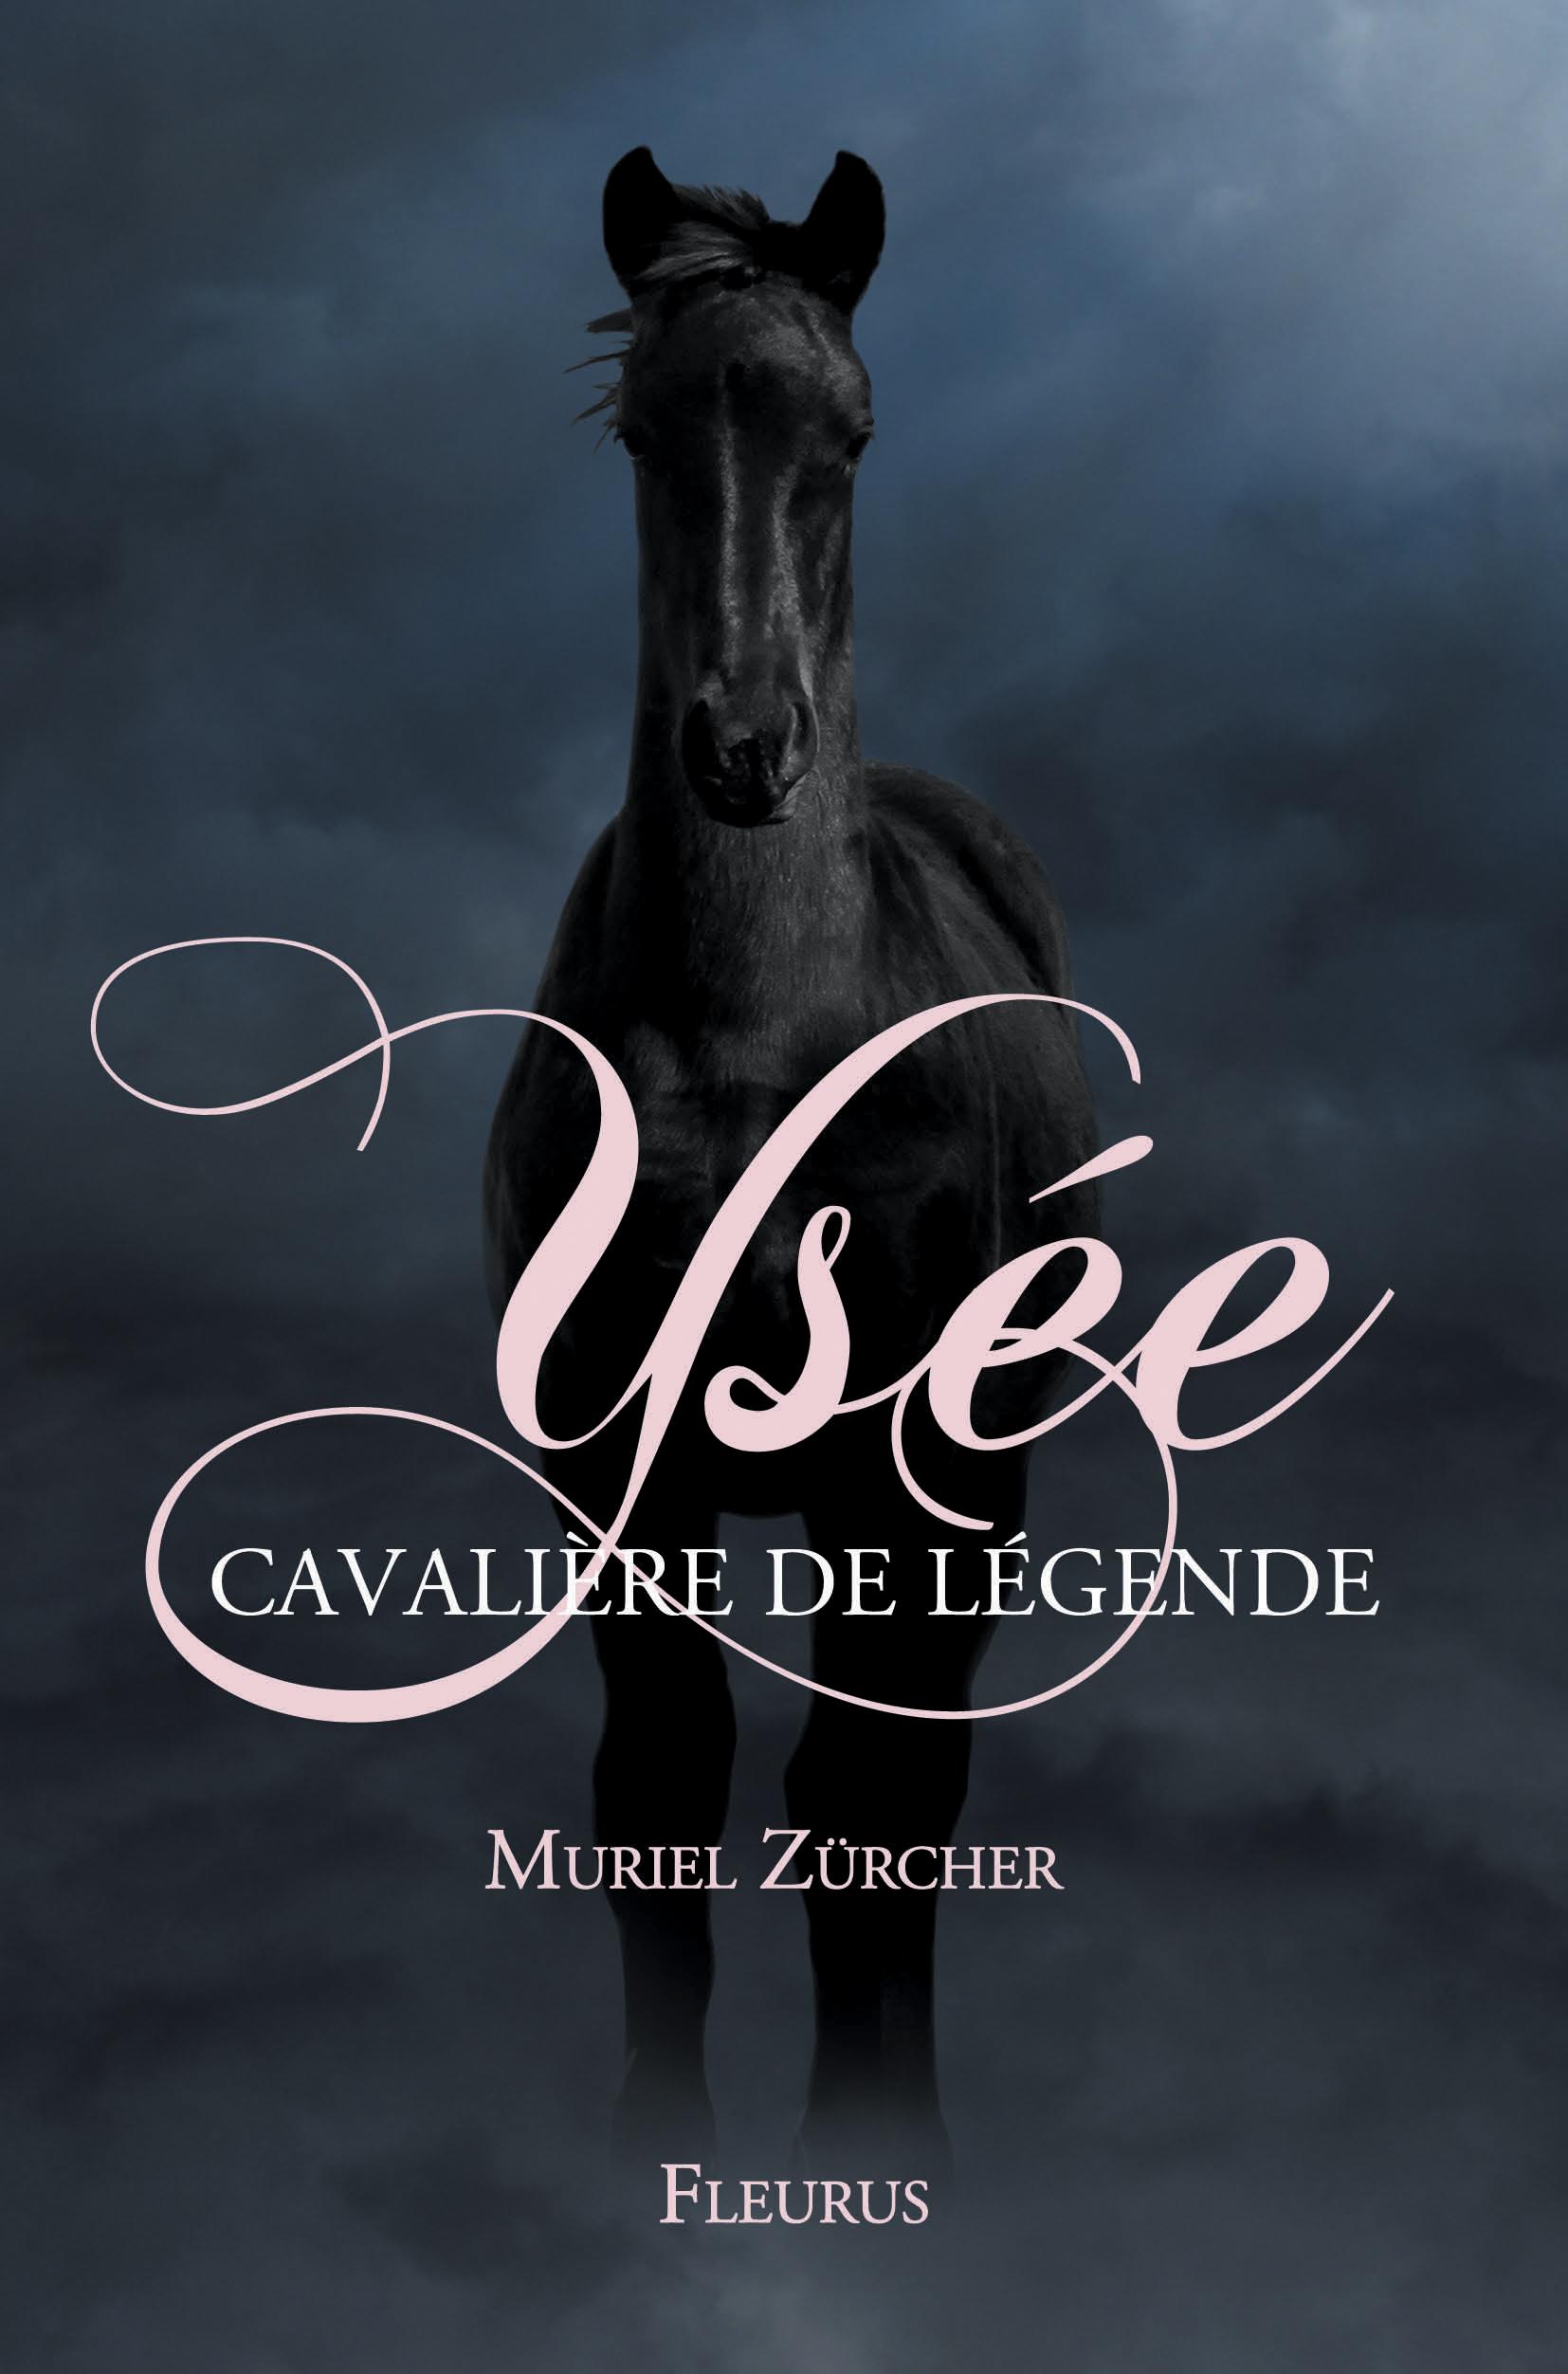 YSEE,CAVALIERE DE LEGENDE